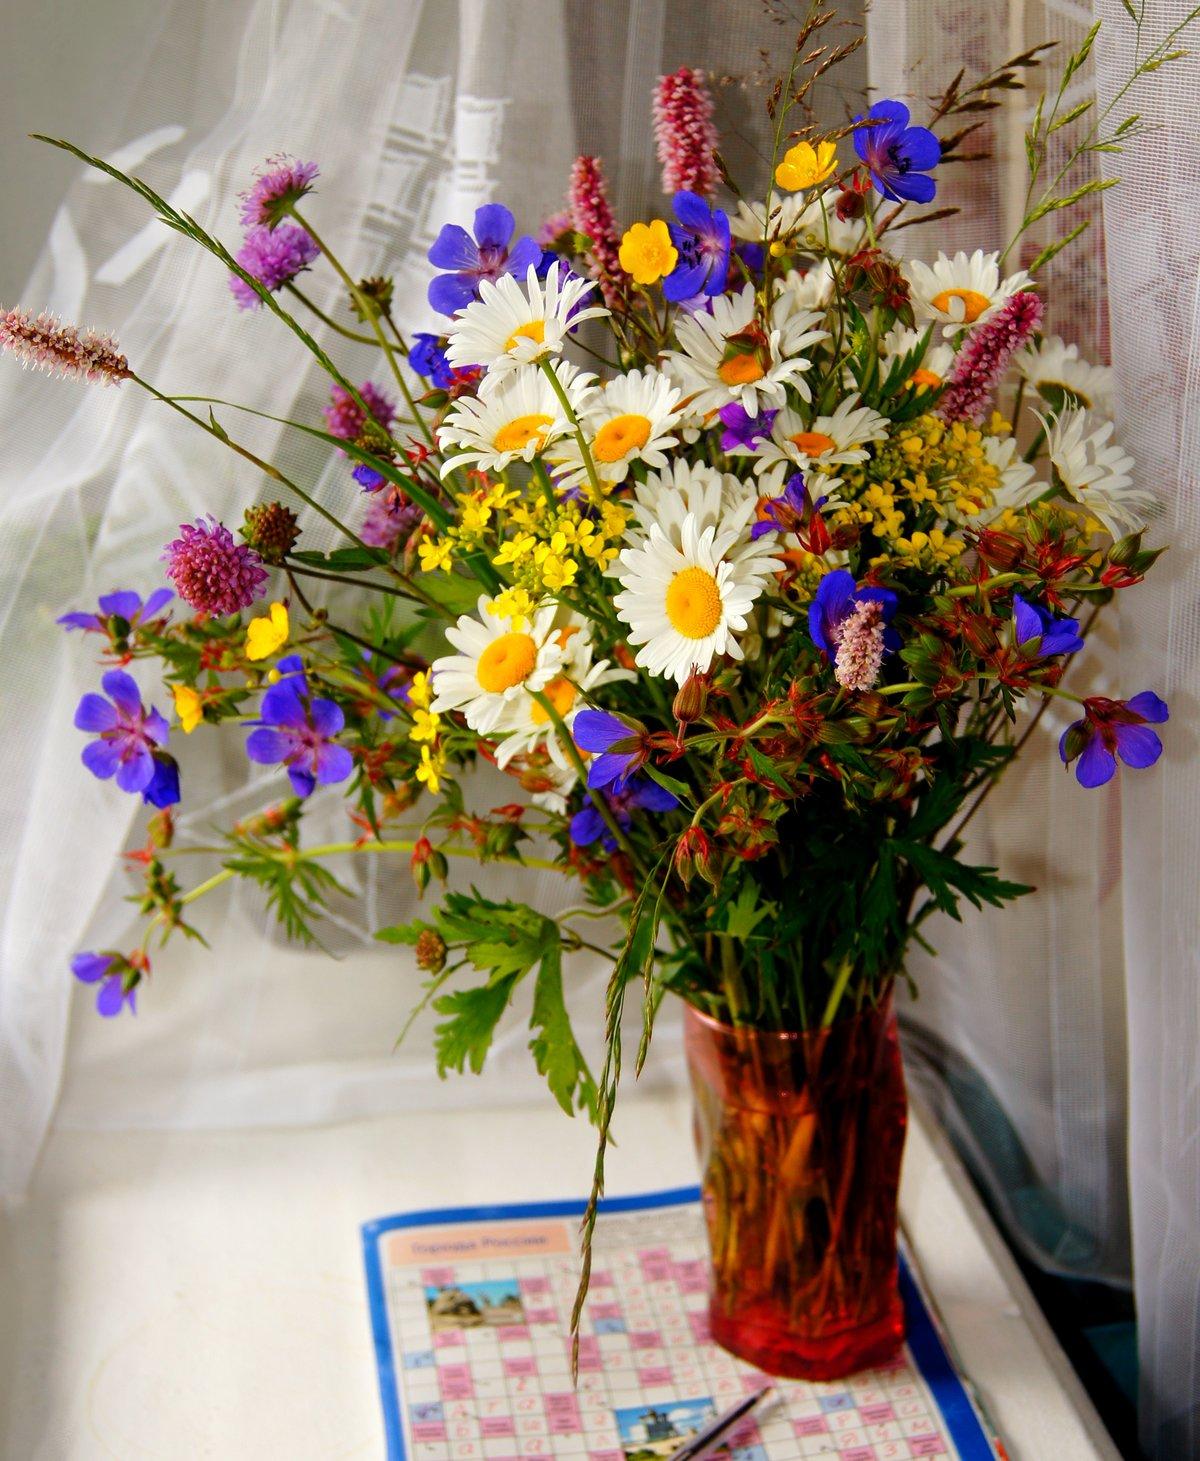 сказать, картинка летний букет цветов фото настоящее